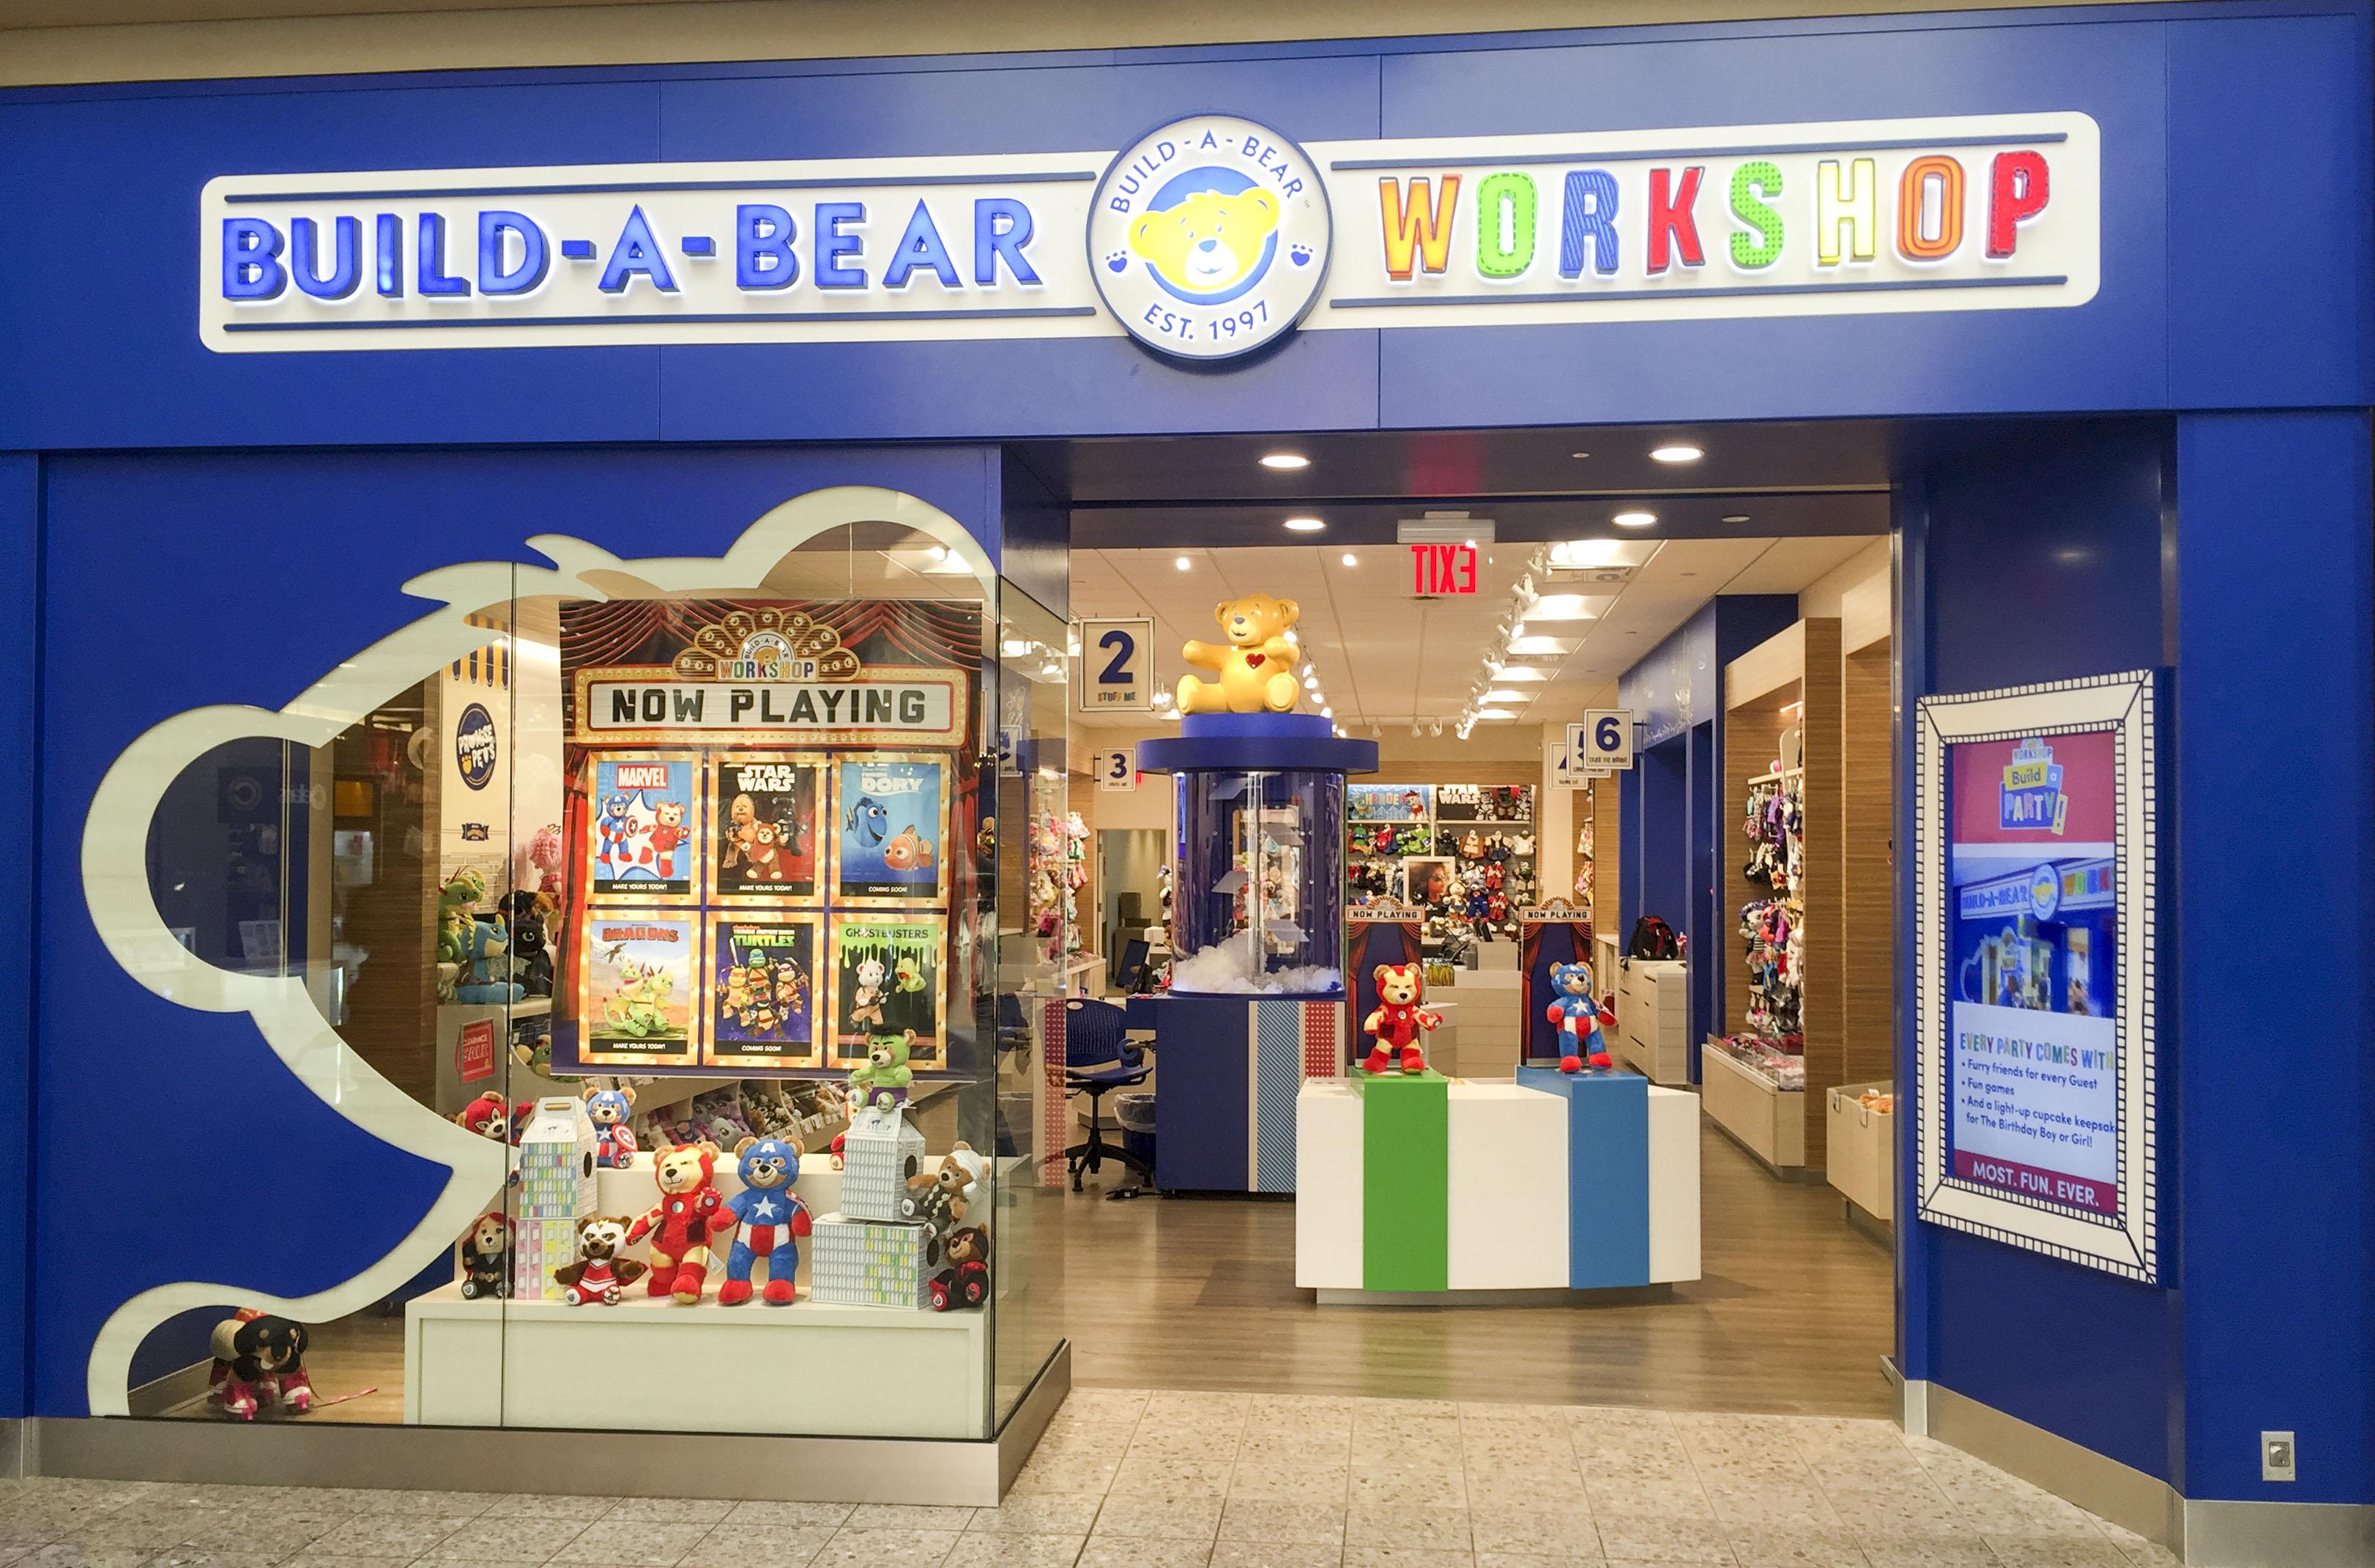 Build-A-Bear Workshop (Evansville)